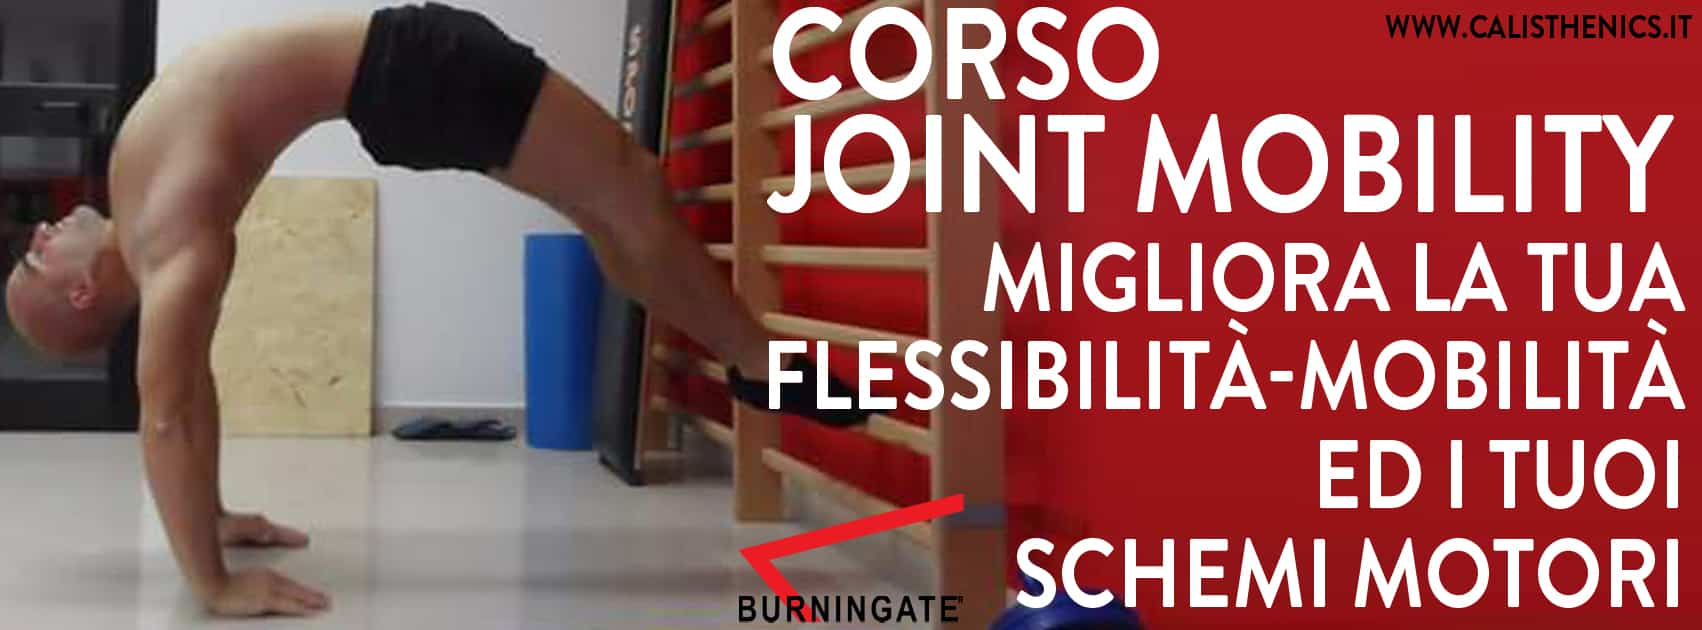 Corso per migliorare la propria mobilità articolare e la flessibilità muscolare